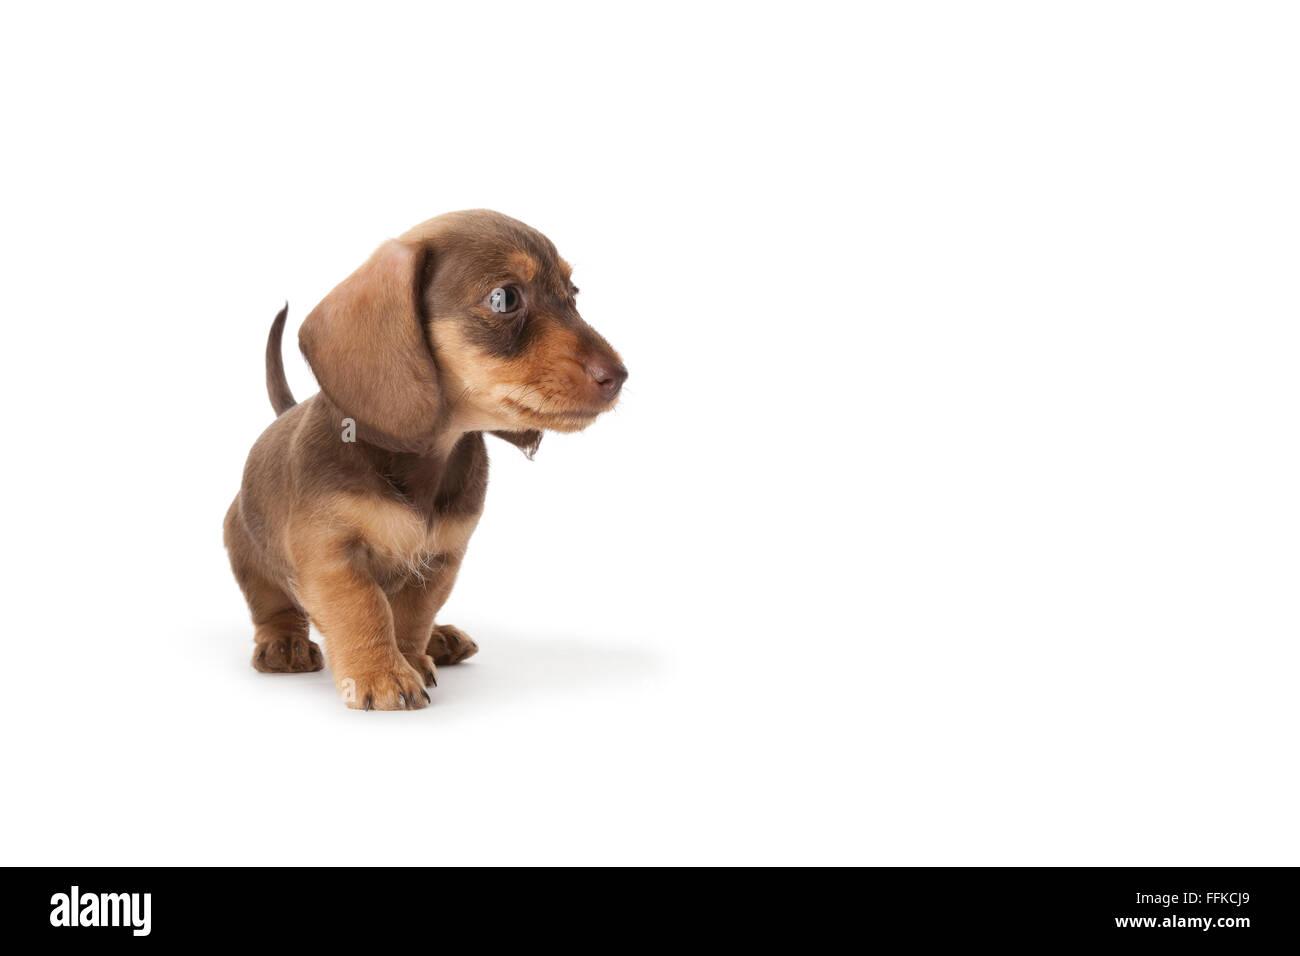 Wire-haired bassotto cucciolo su sfondo bianco con spazio per il testo Immagini Stock